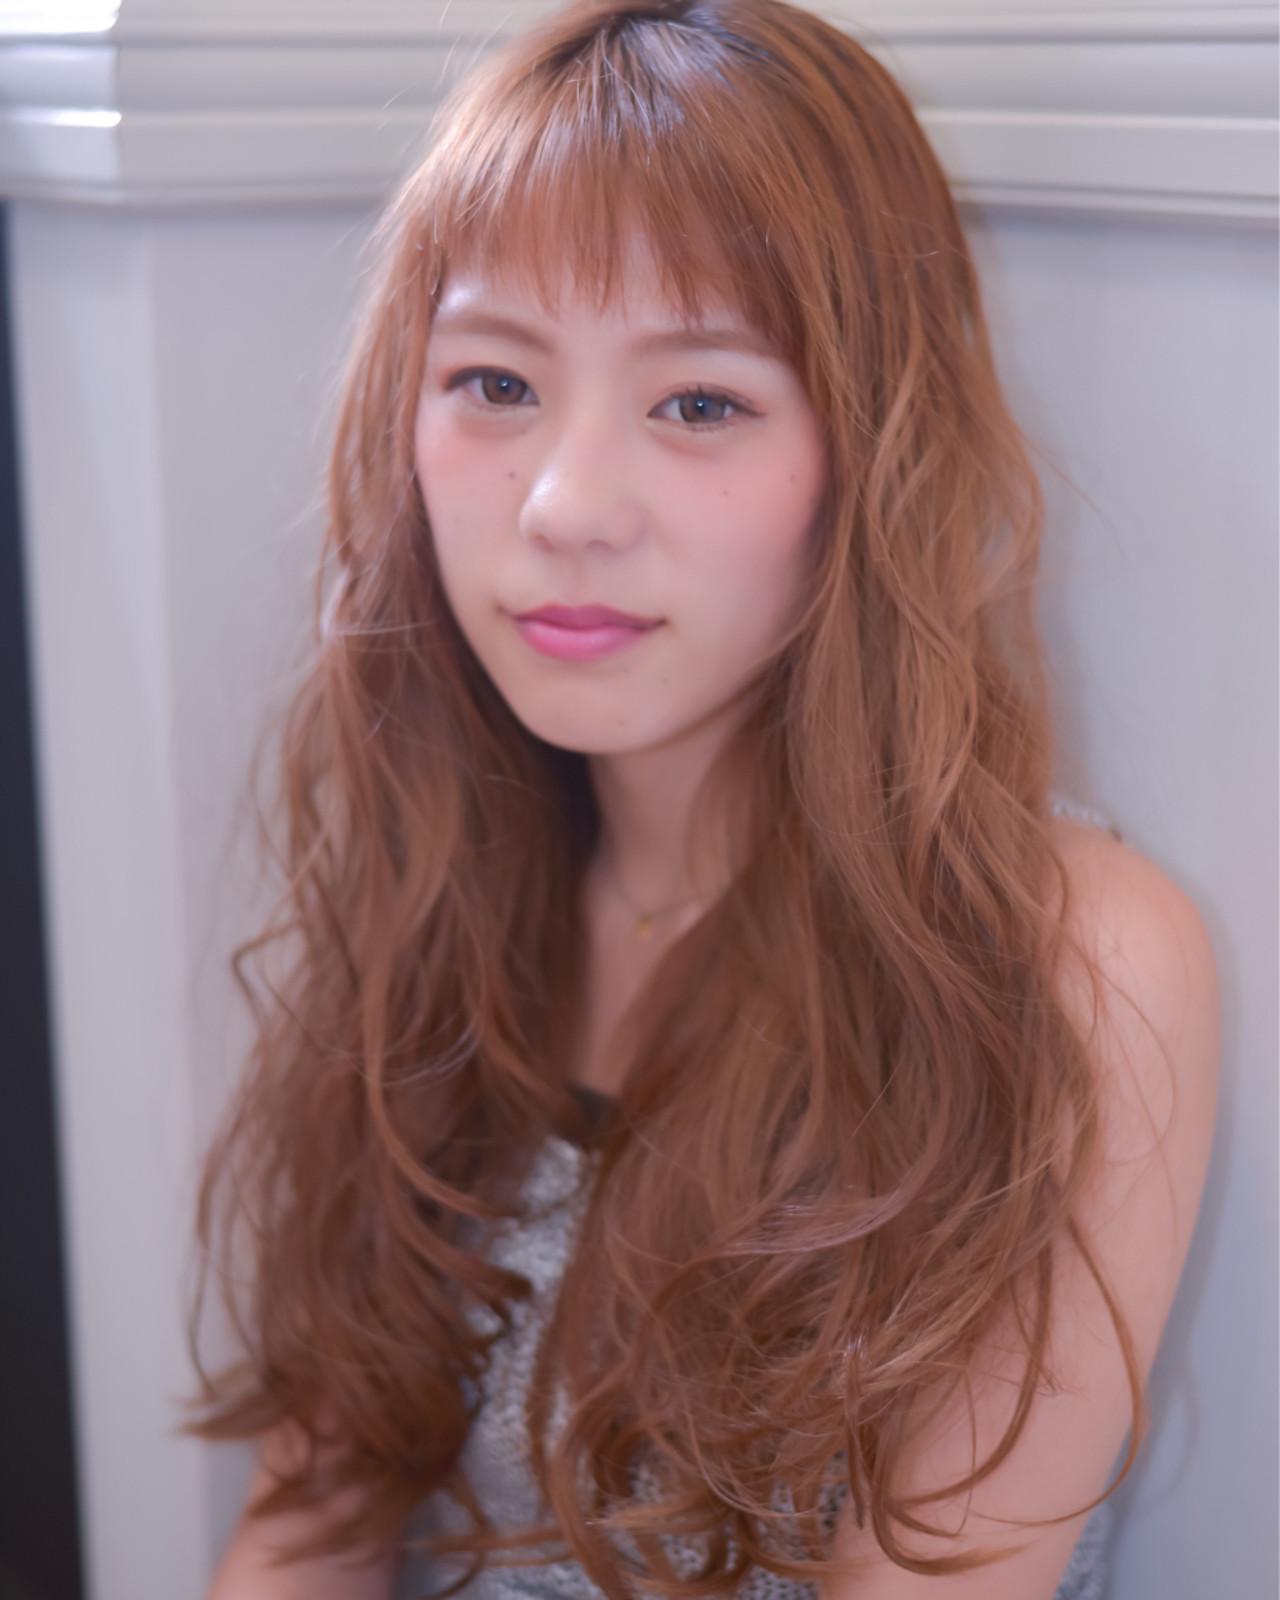 ロング ストリート ゆるふわ ブラウン ヘアスタイルや髪型の写真・画像 | 佐々木 真吾 / Ash北浦和